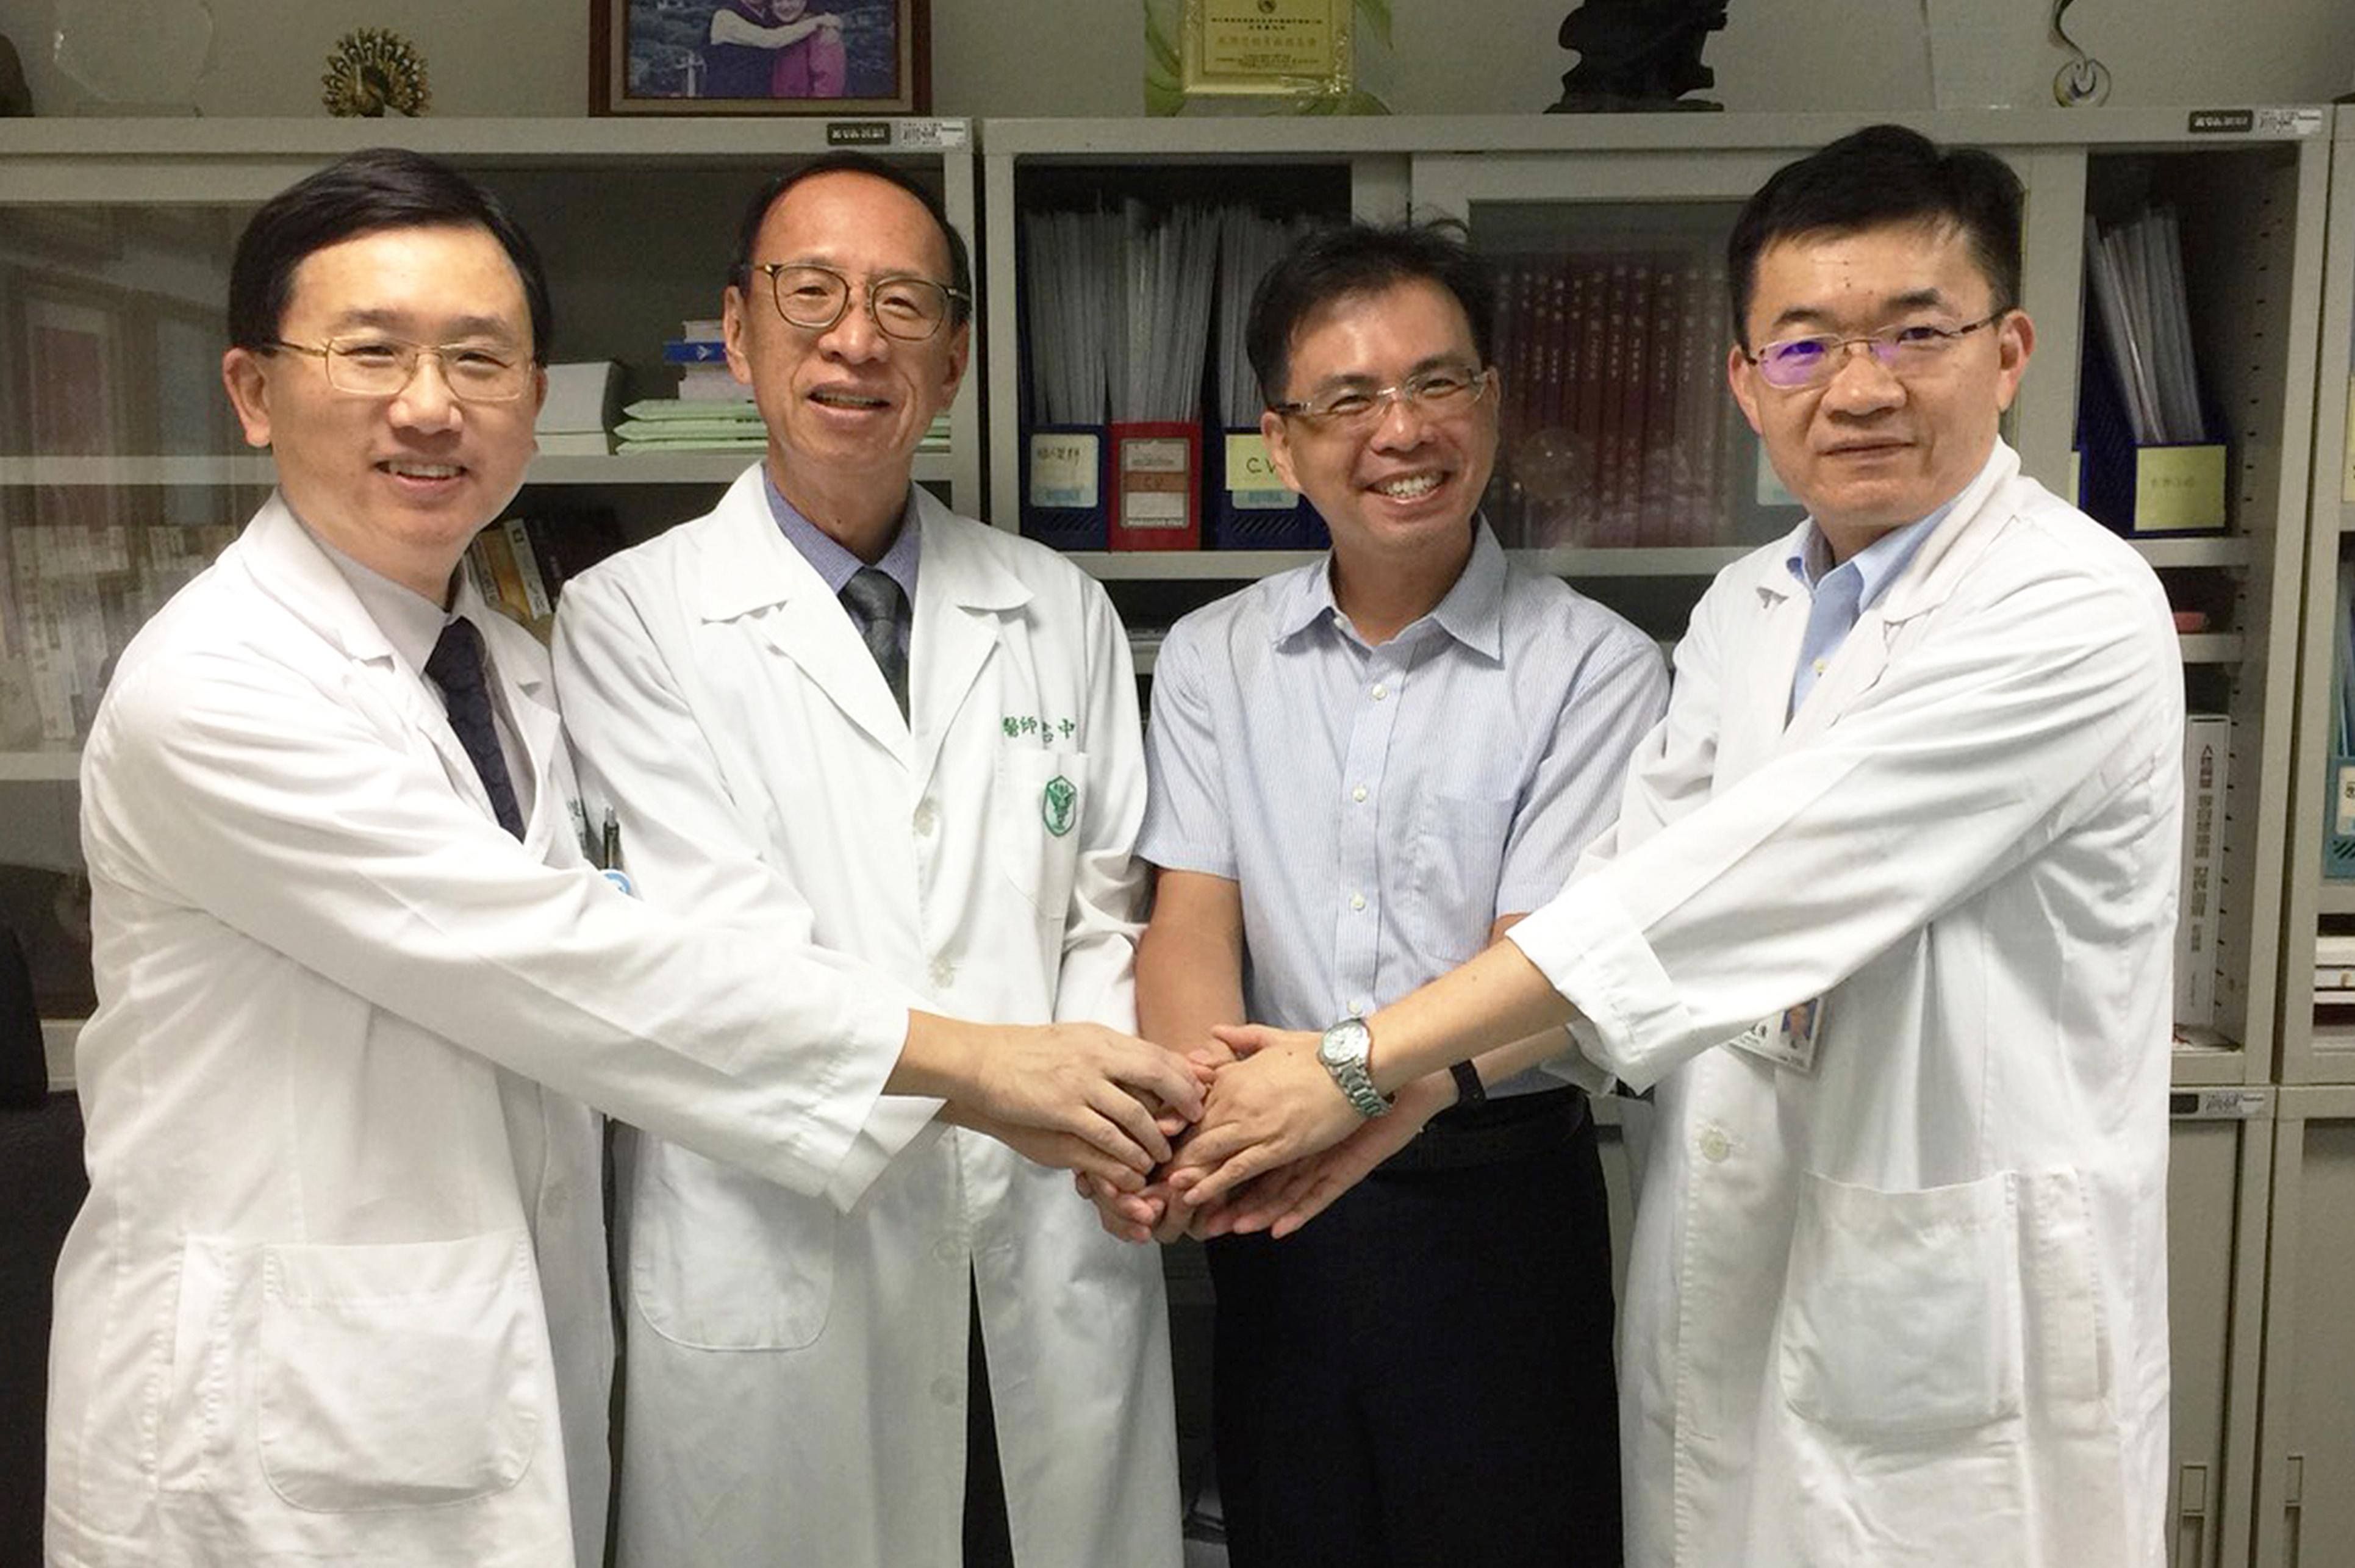 團隊成員(由左至右):王鈺霖、王志中、林伯昰、許建清